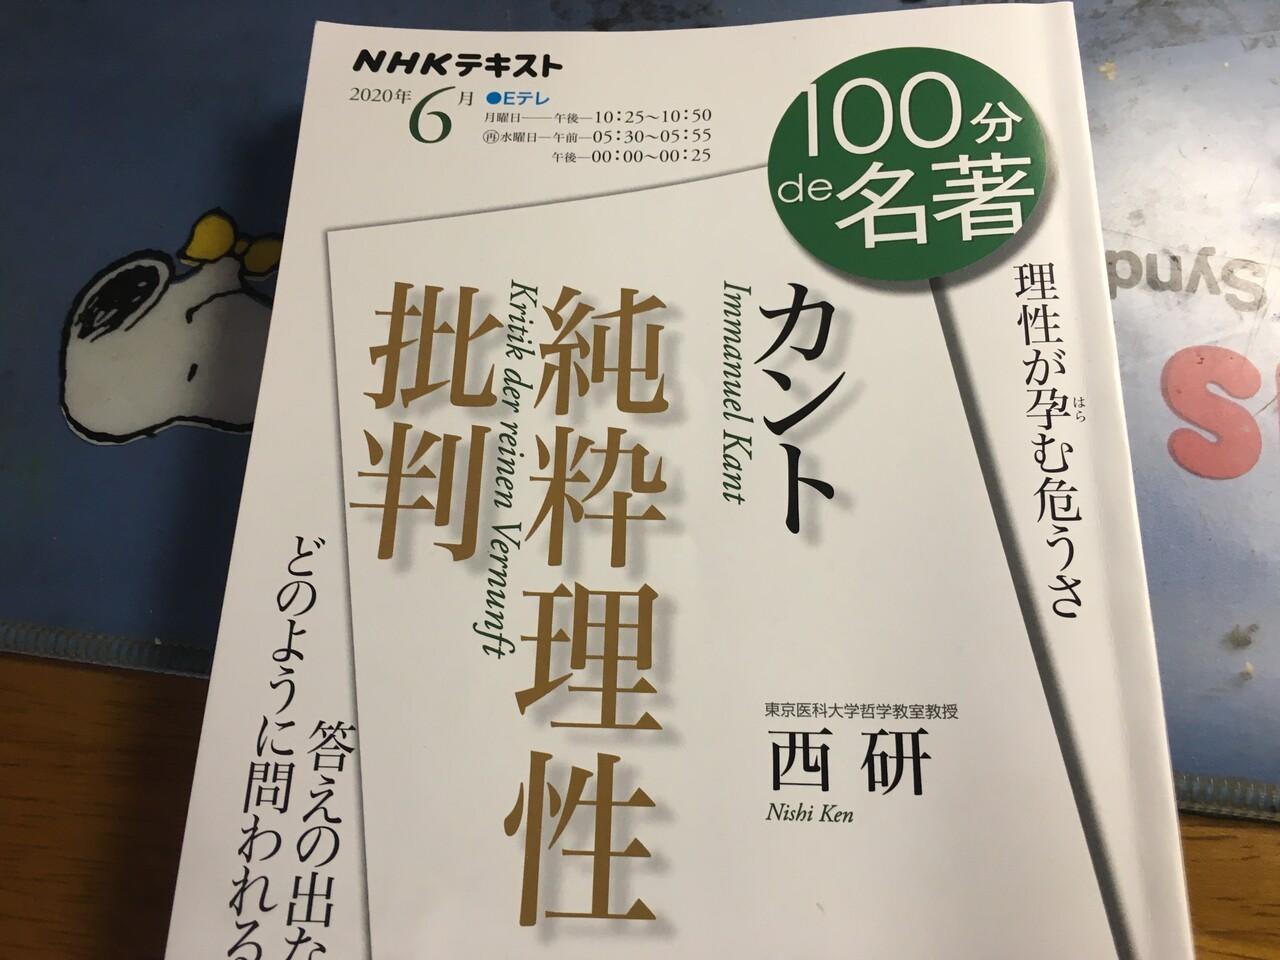 カントの「純粋理性批判」100分de名著 (完) : 江戸川の畔(ほとり)